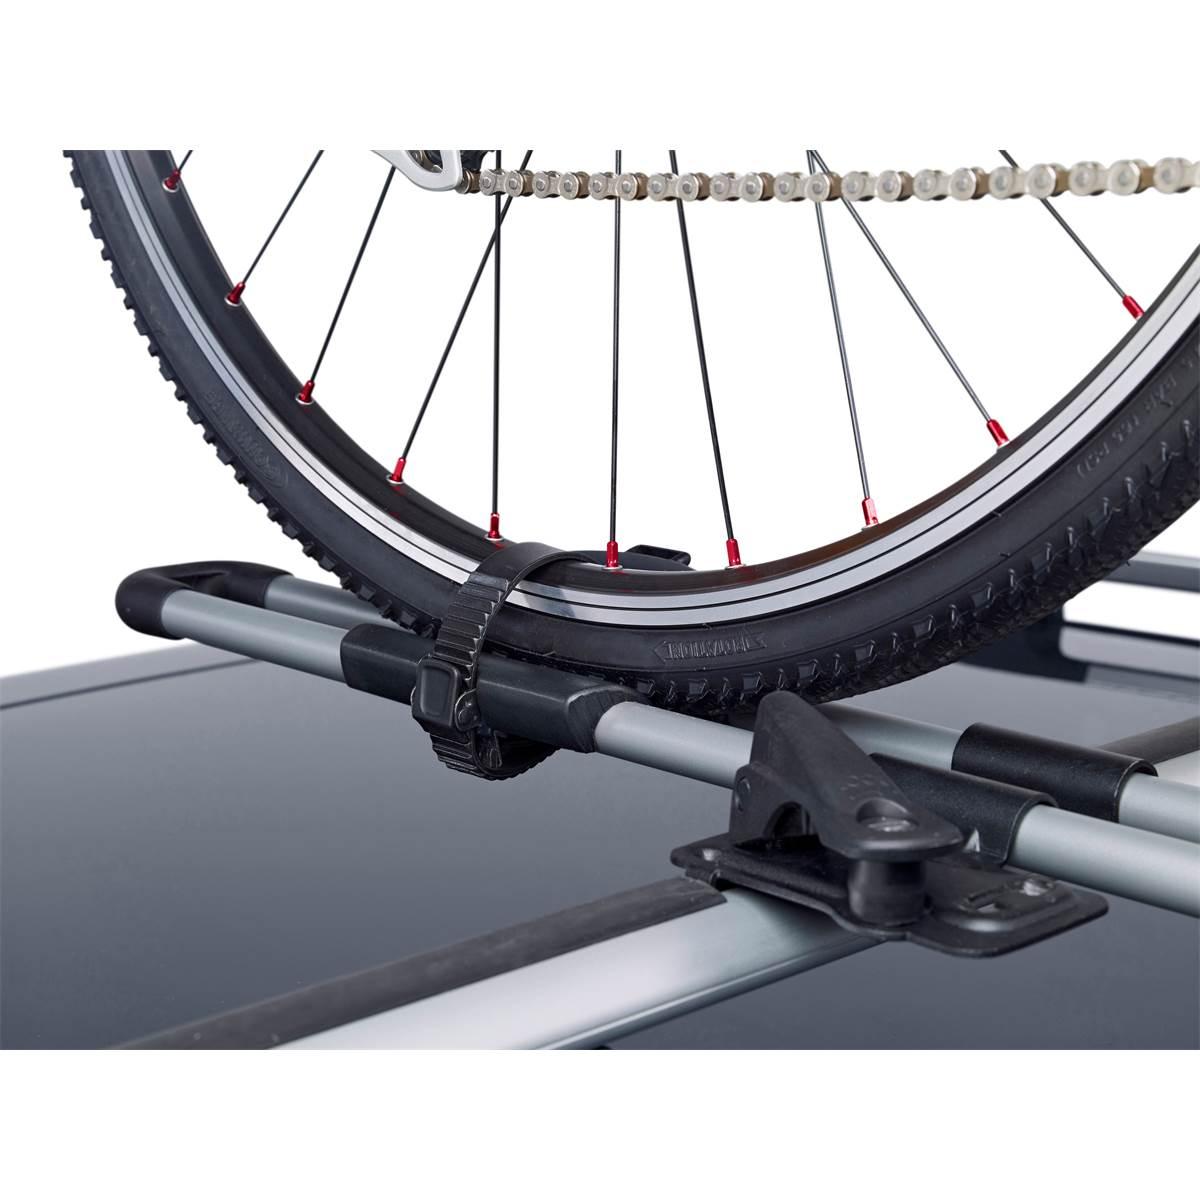 cf639cdacca8e1 Porte-vélo sur barres de toit Thule Freeride 532 pour 1 vélo - Feu Vert